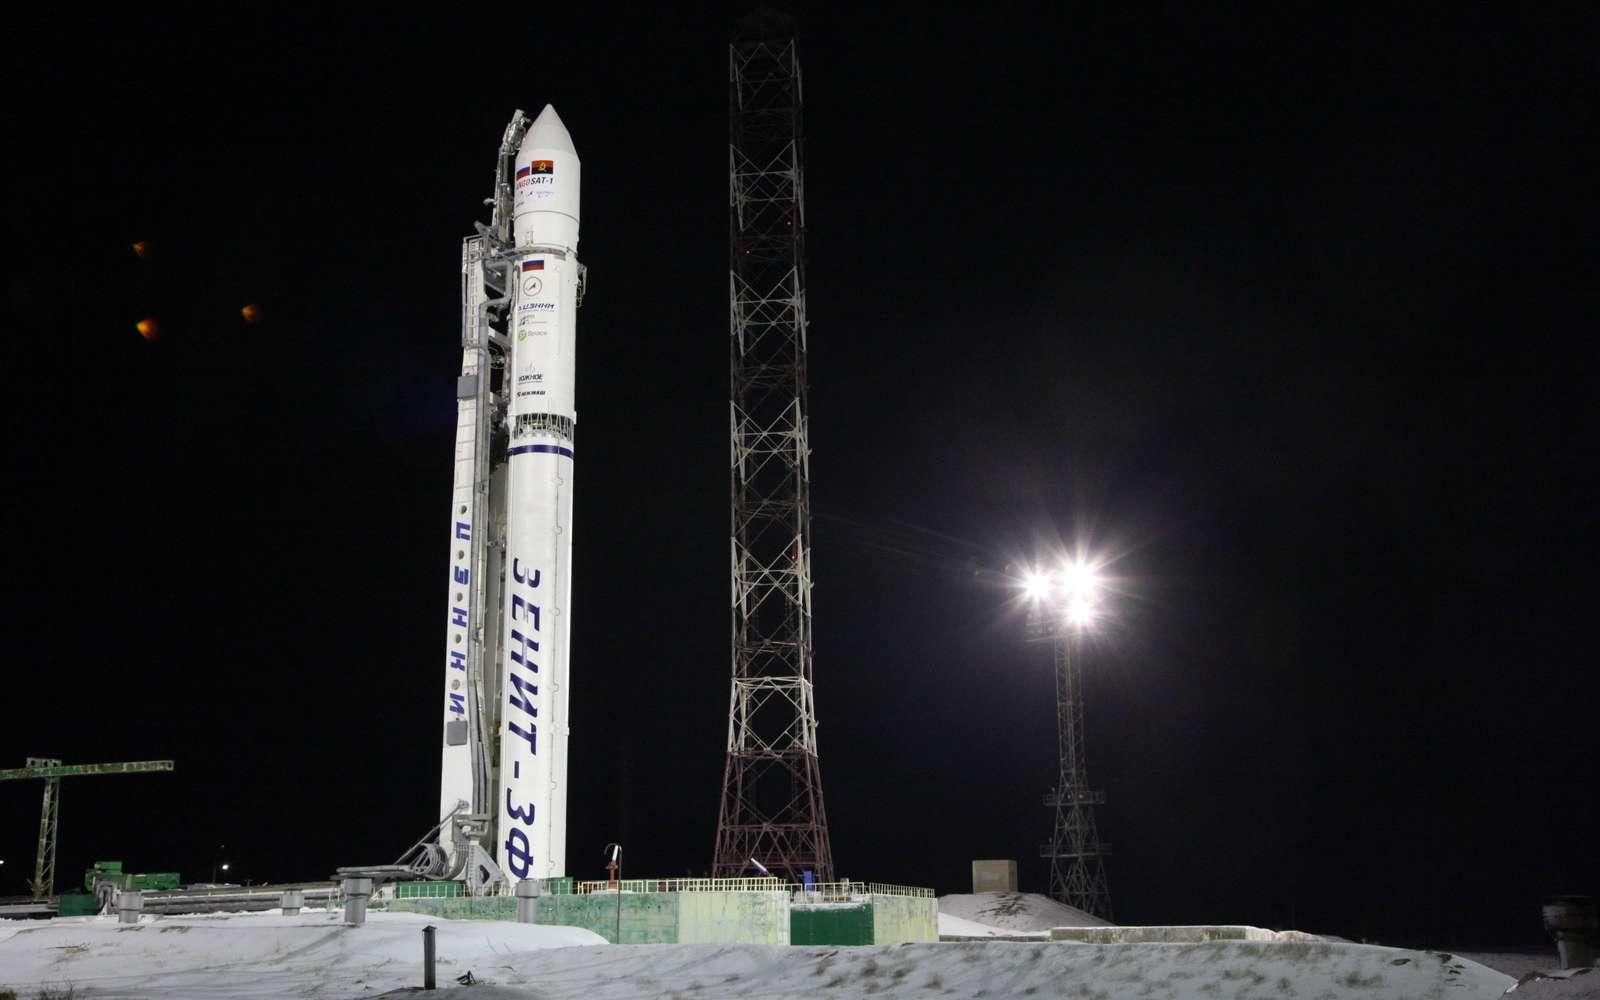 Lancé par la Russie, le premier satellite de l'Angola répond enfin. Ici, le lanceur ukrainien Zenit installé sur son pas de tir du cosmodrome de Baïkonour (Kazakhstan). © Roscosmos